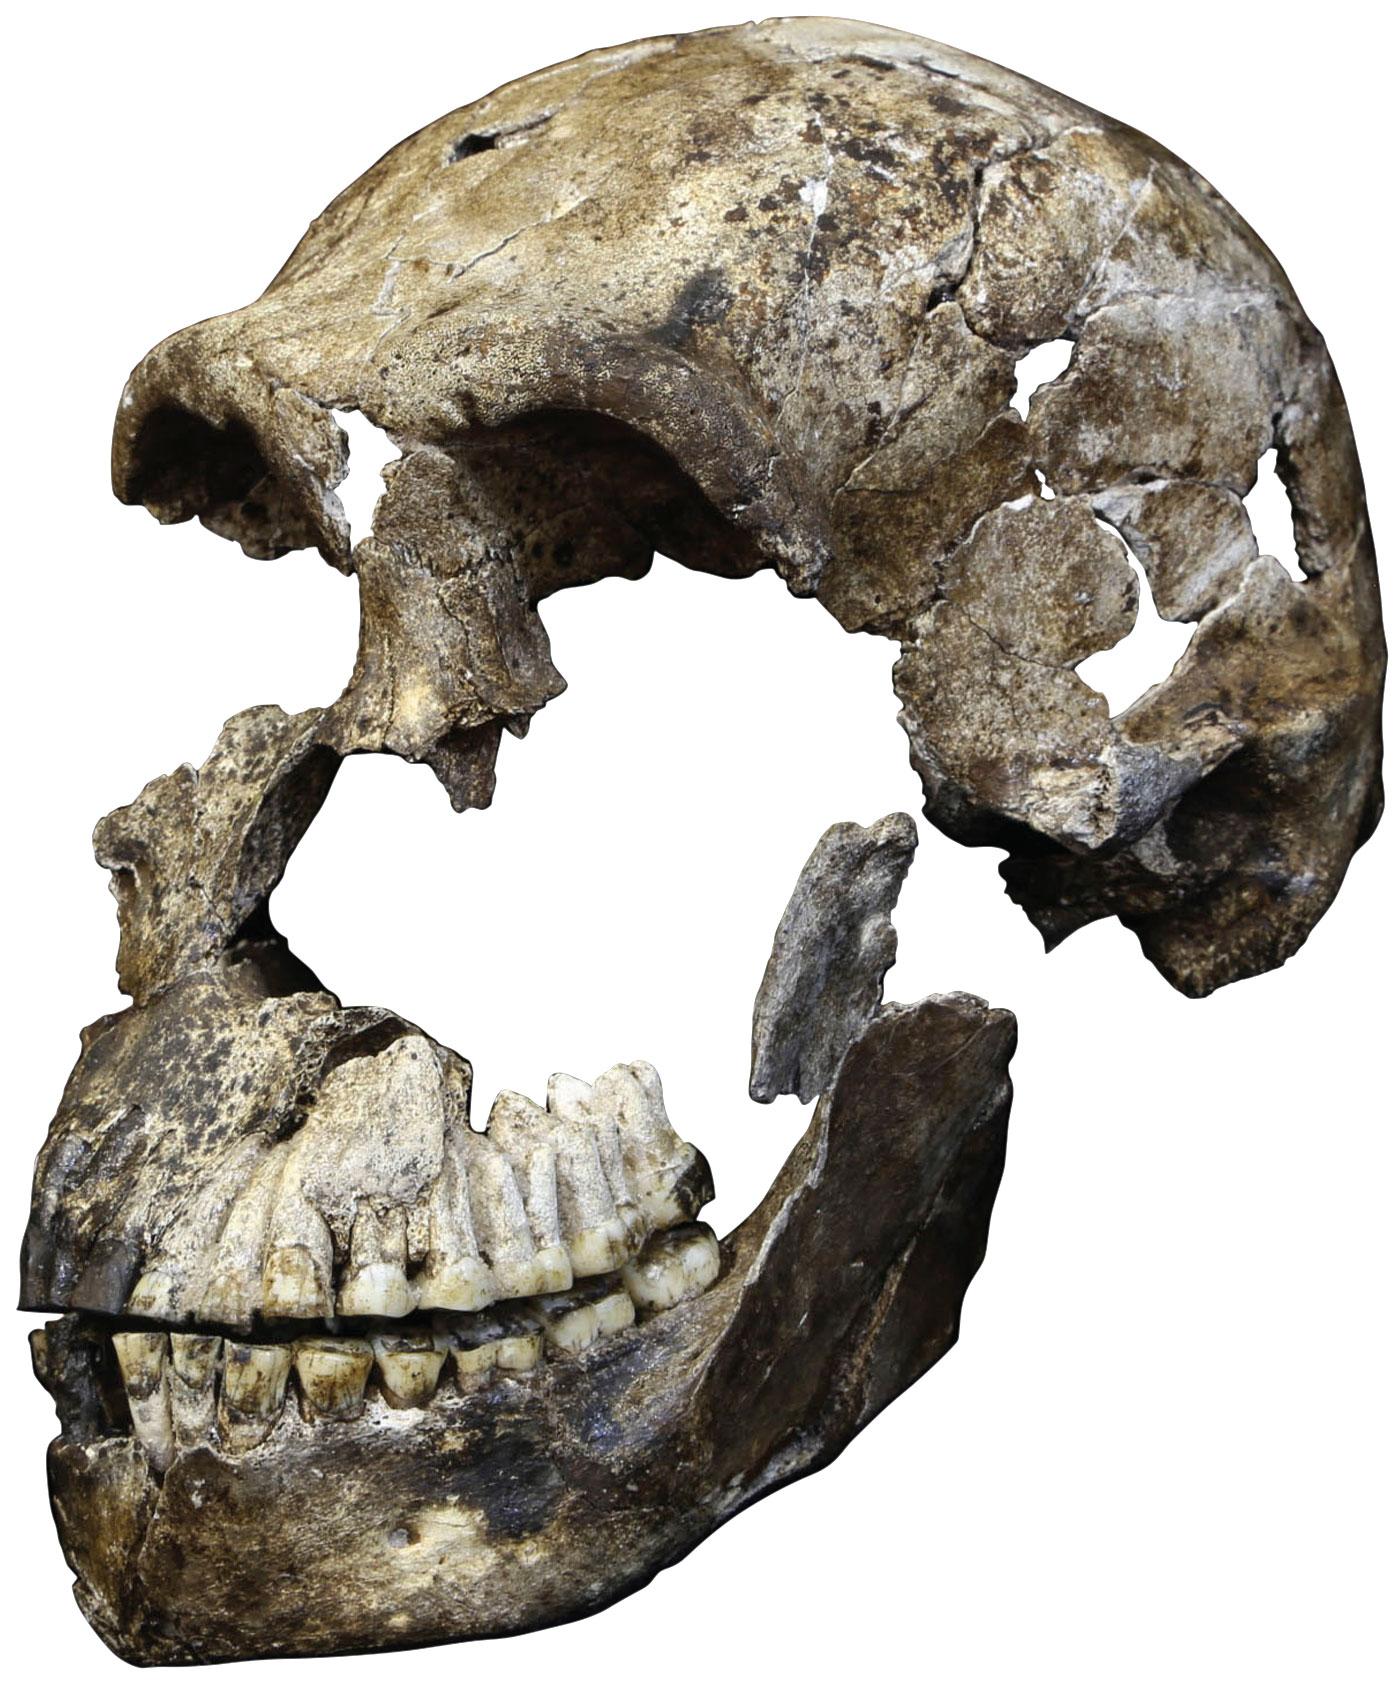 LES1-Homo-naledi-skull